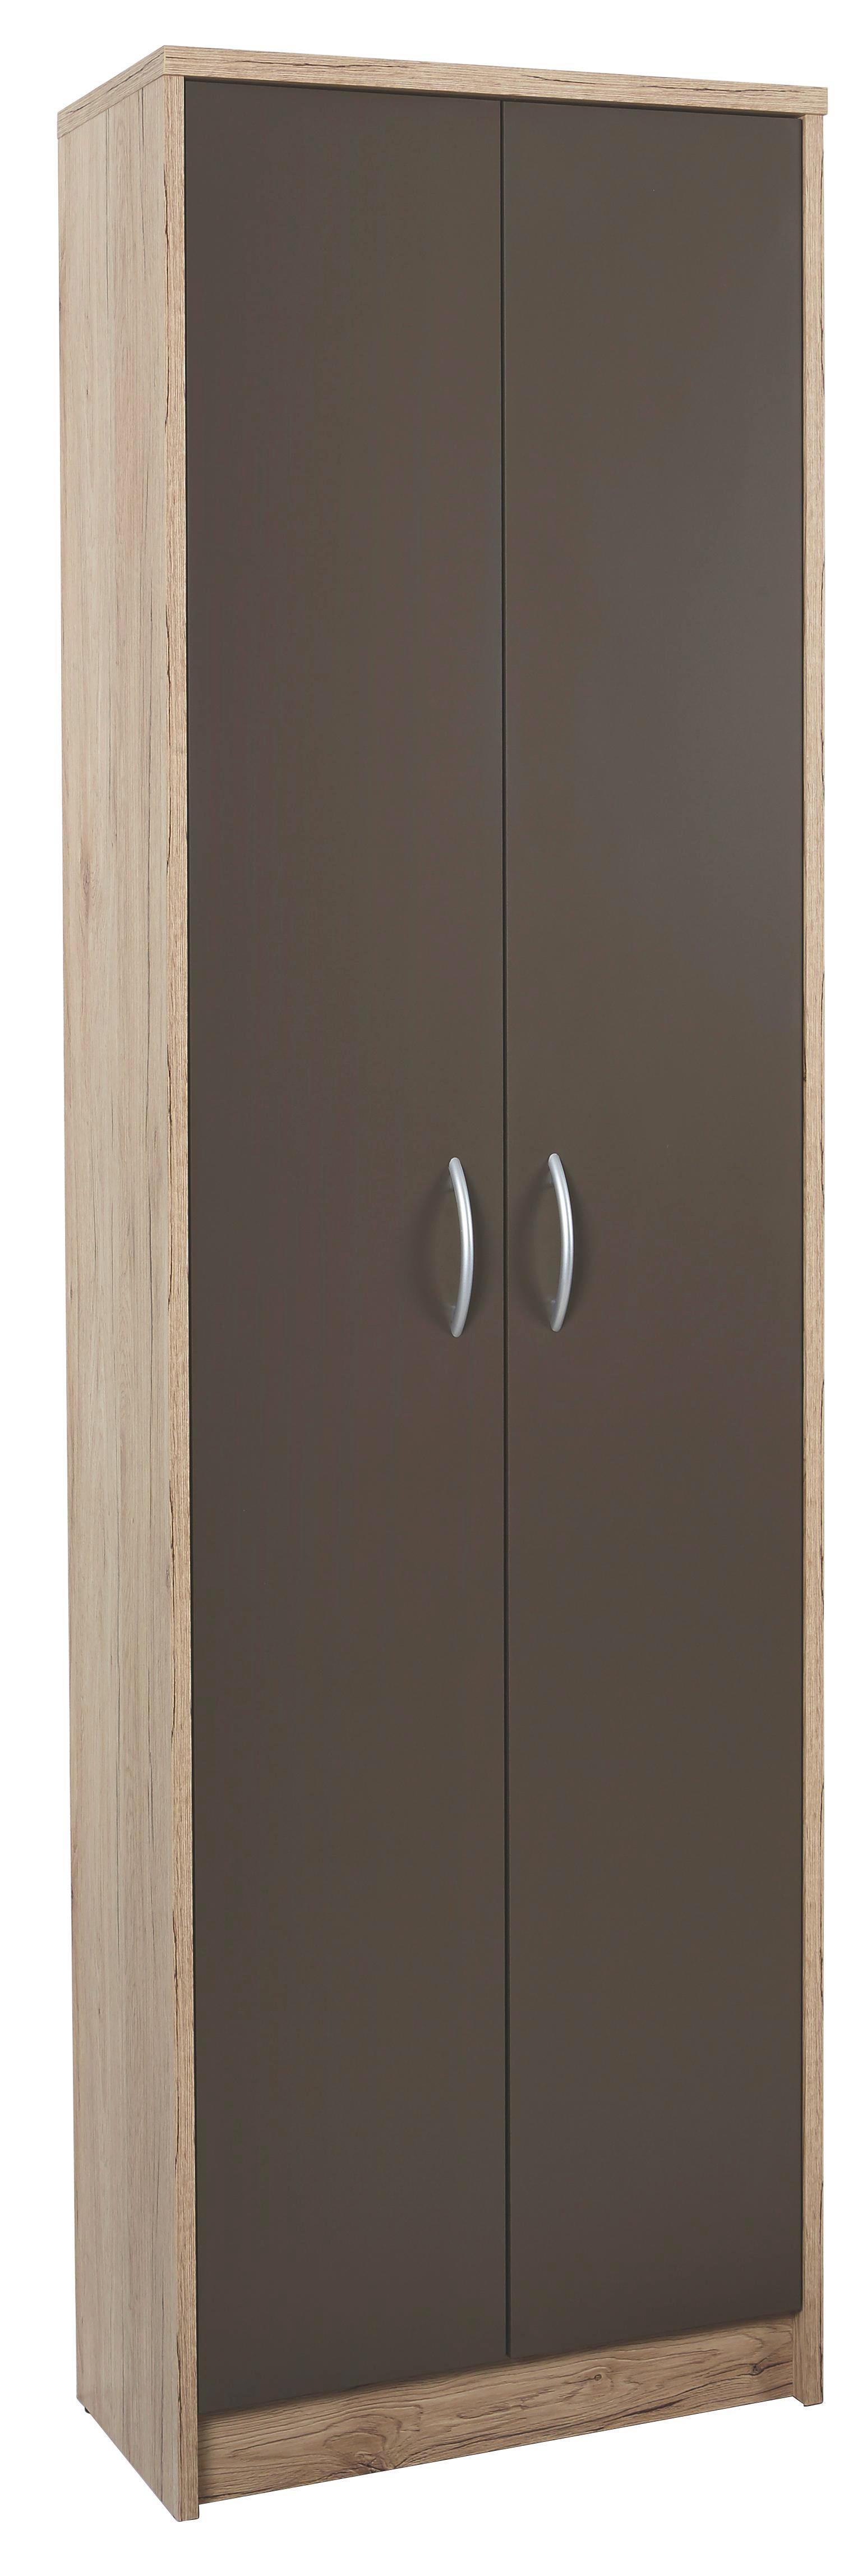 Ruhásszekrény Iza - barna/tölgy színű, konvencionális, faanyagok (55/190/26cm)